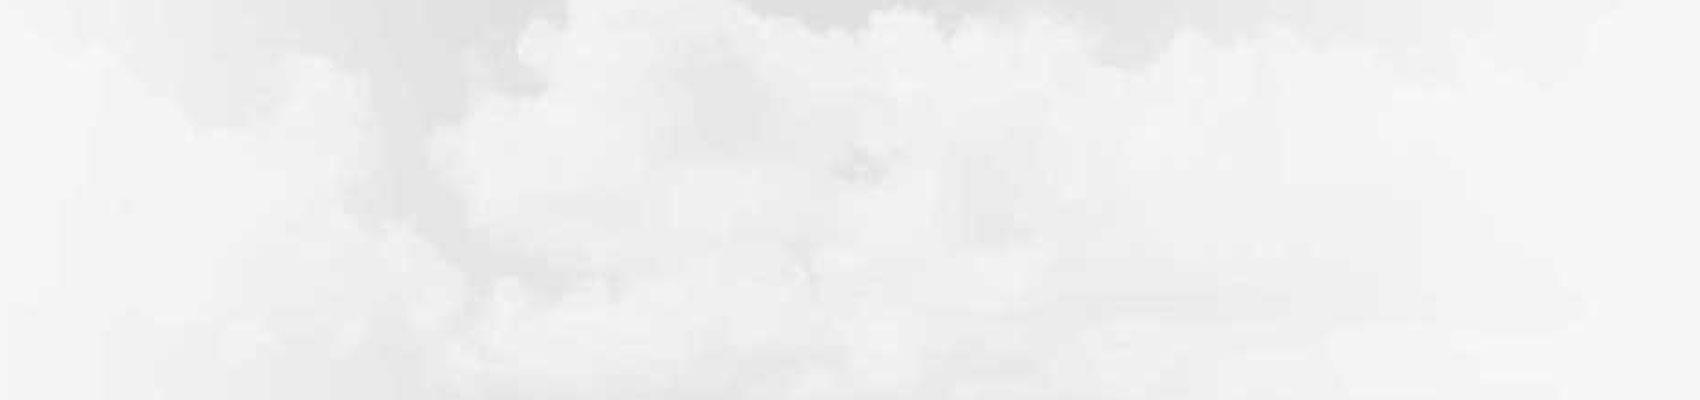 cloud_1700_400